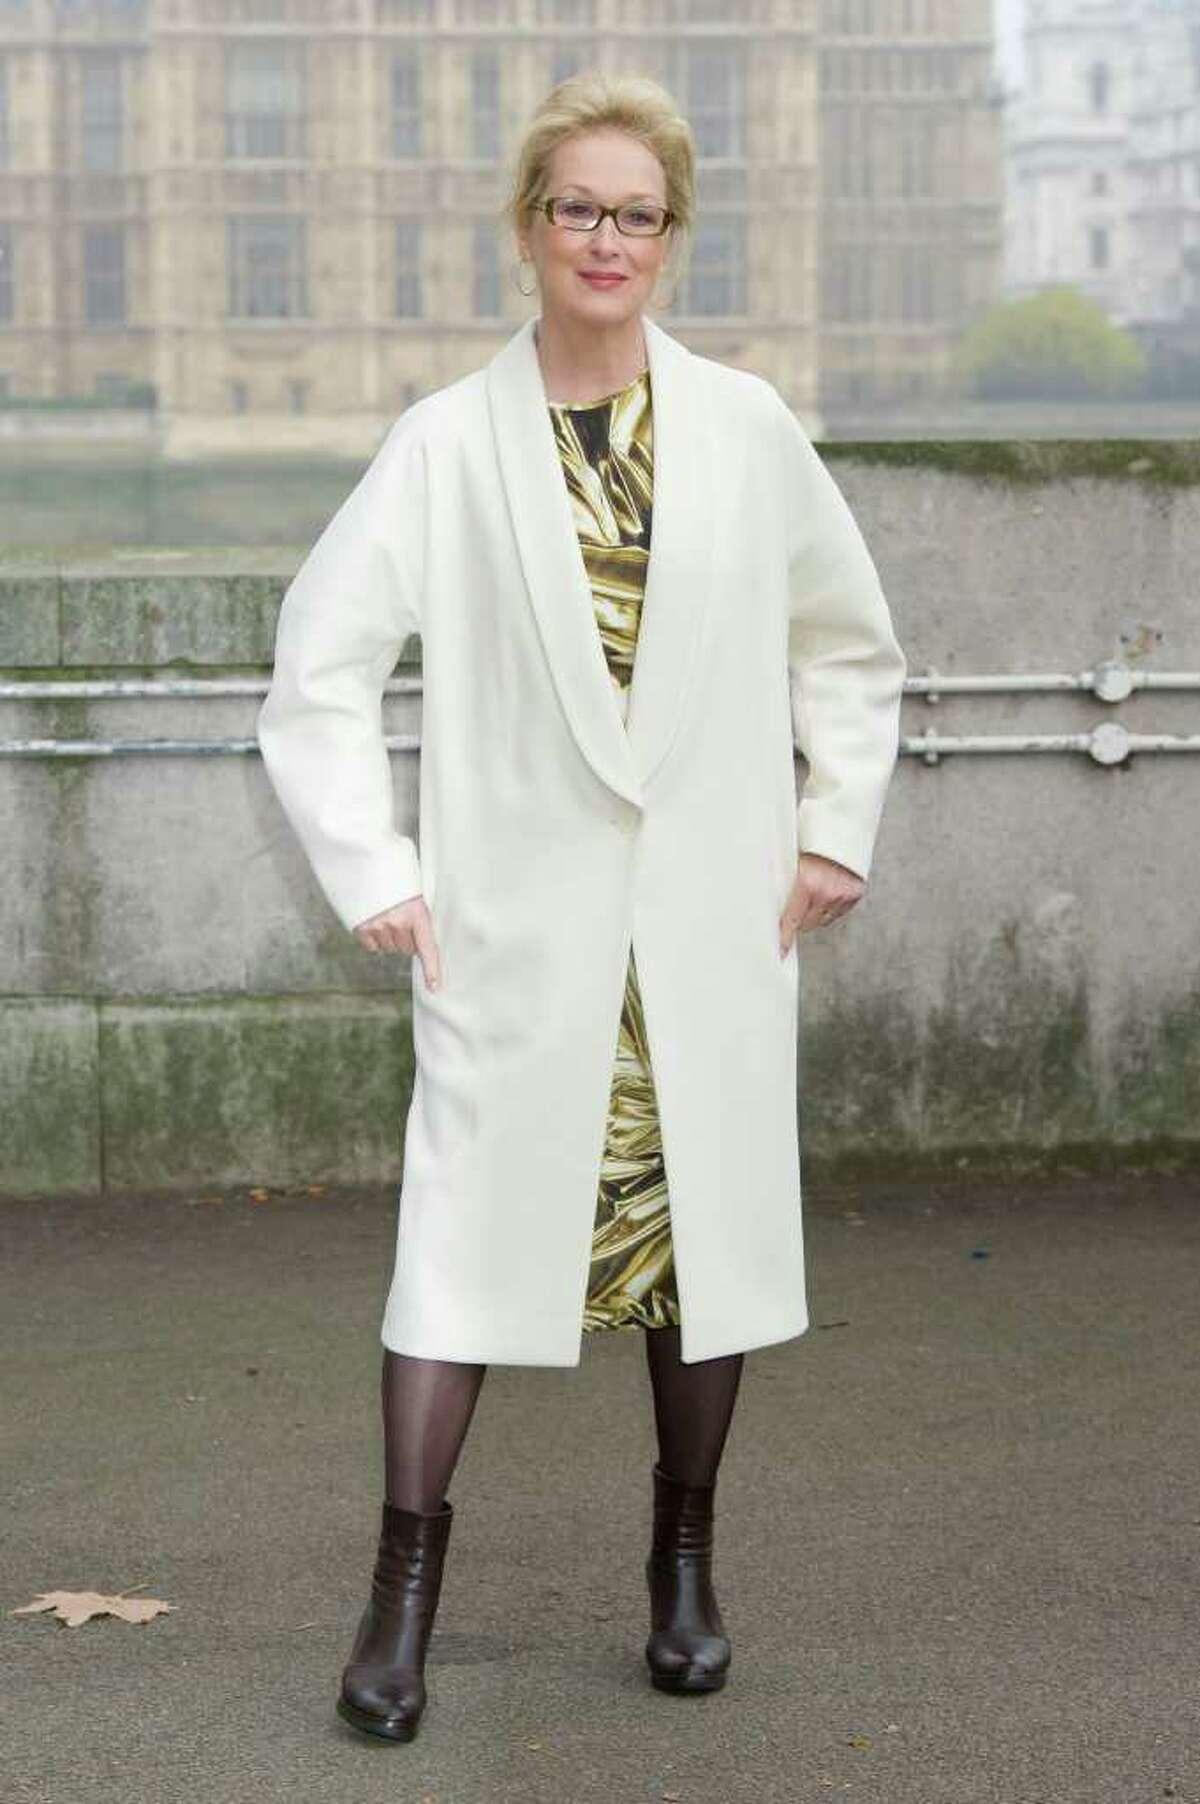 Actress Meryl Streep, 62